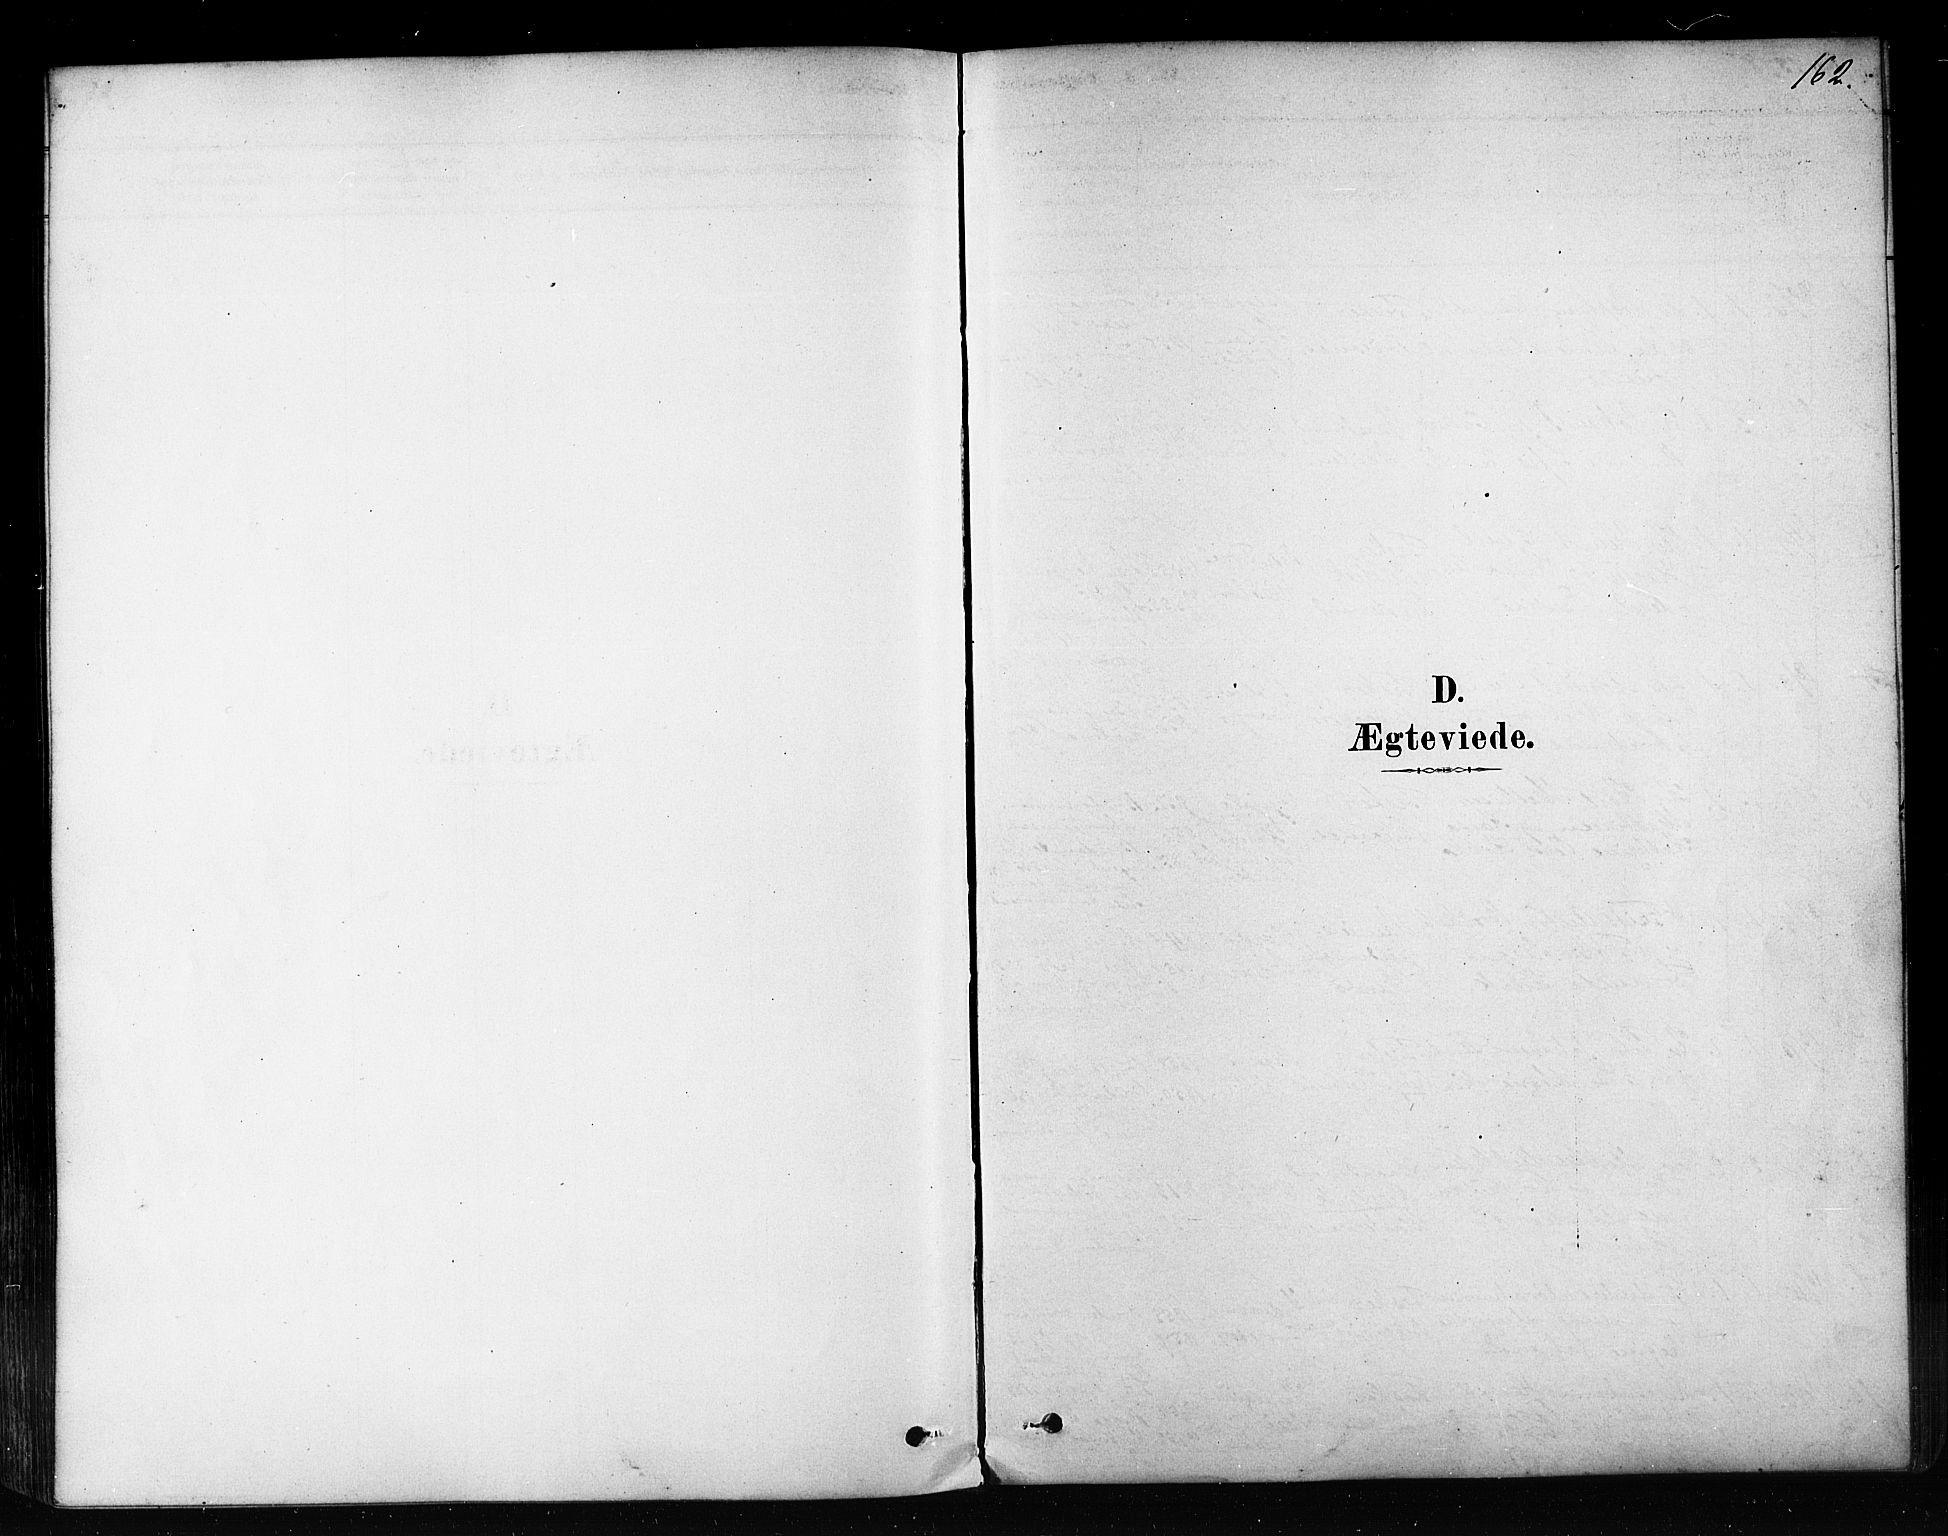 SATØ, Sør-Varanger sokneprestkontor, H/Ha/L0003kirke: Ministerialbok nr. 3, 1878-1891, s. 162